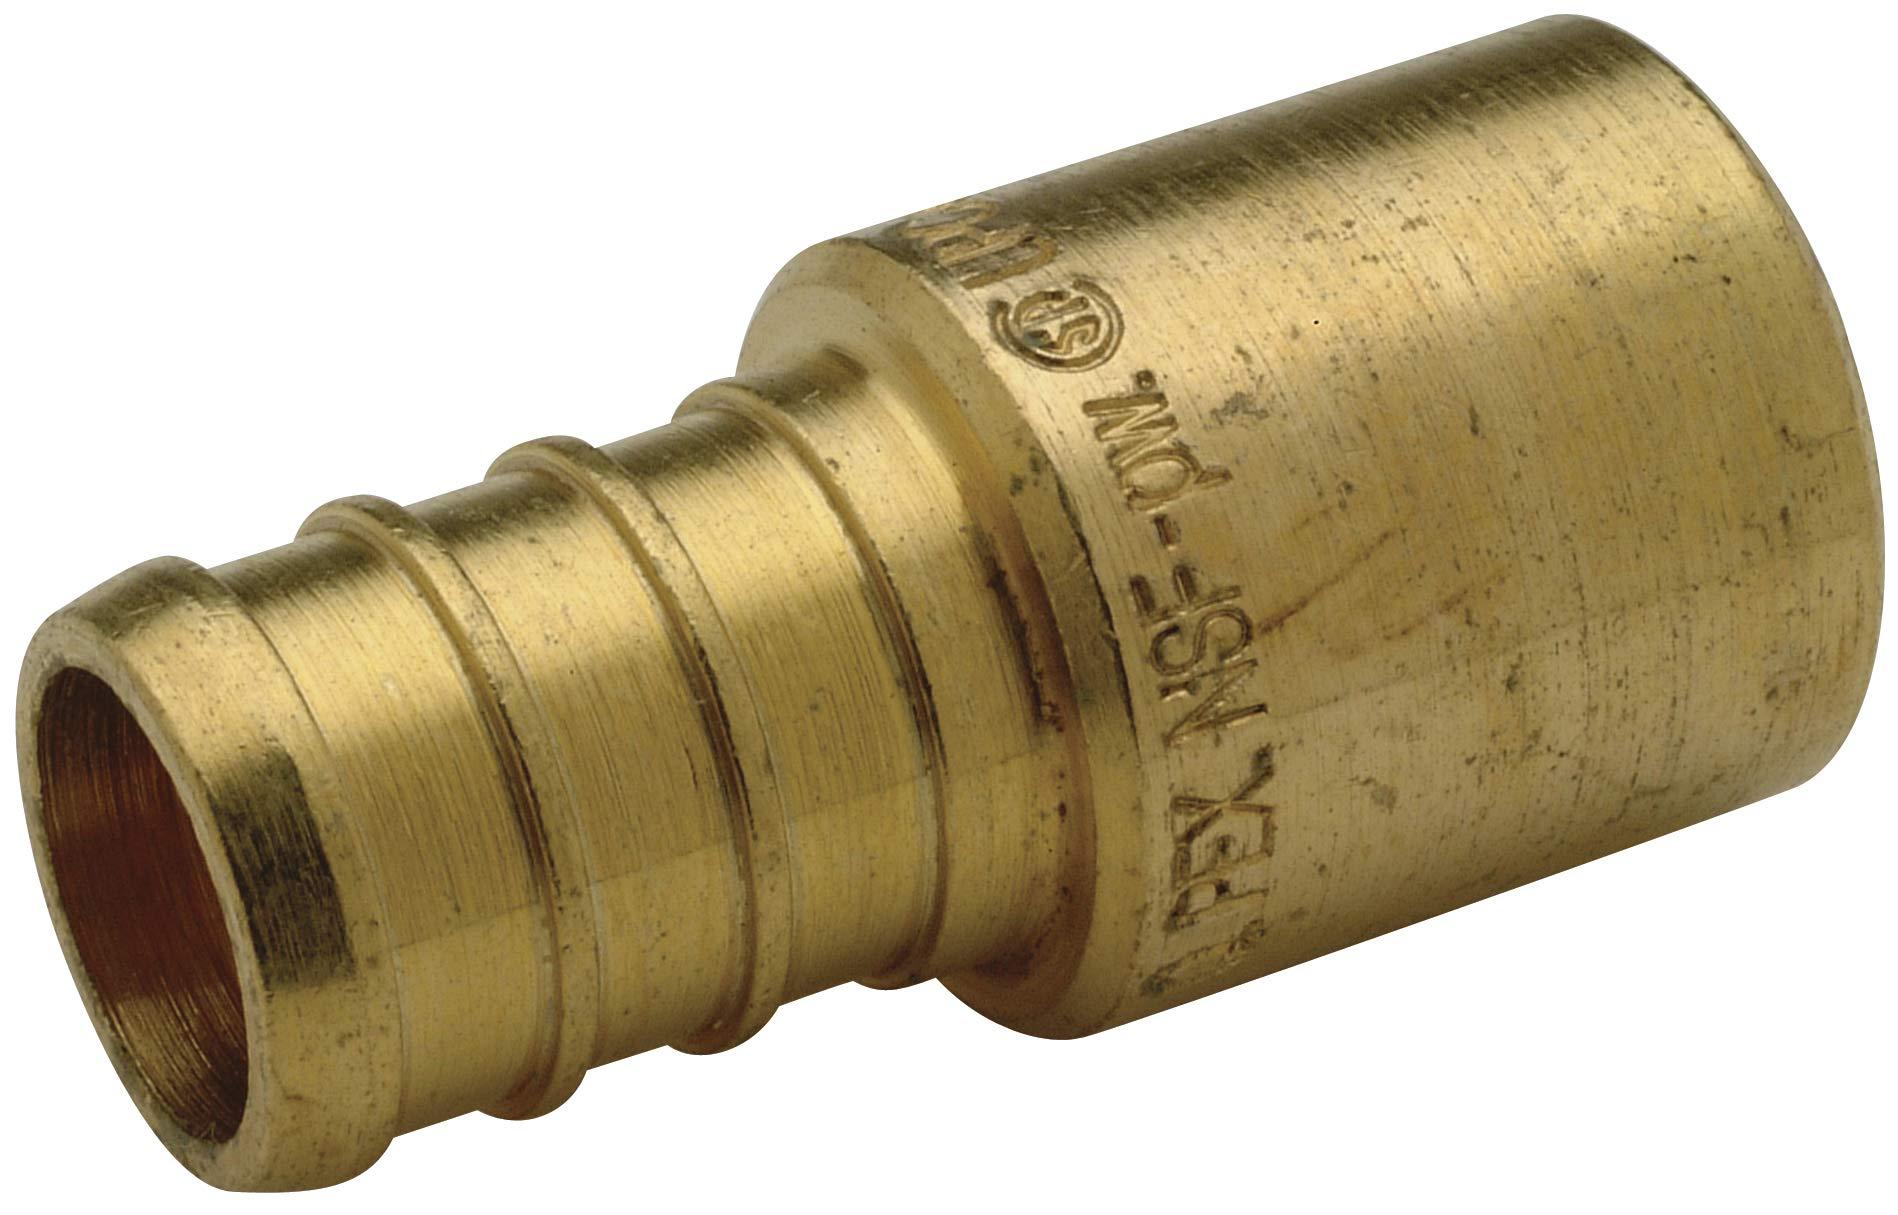 """Zurn QQ650CX Crimp Male Sweat Adapter, Small Diameter, 1/2"""" Male Sweat x 1/2"""" Barb, Copper (Pack of 50)"""